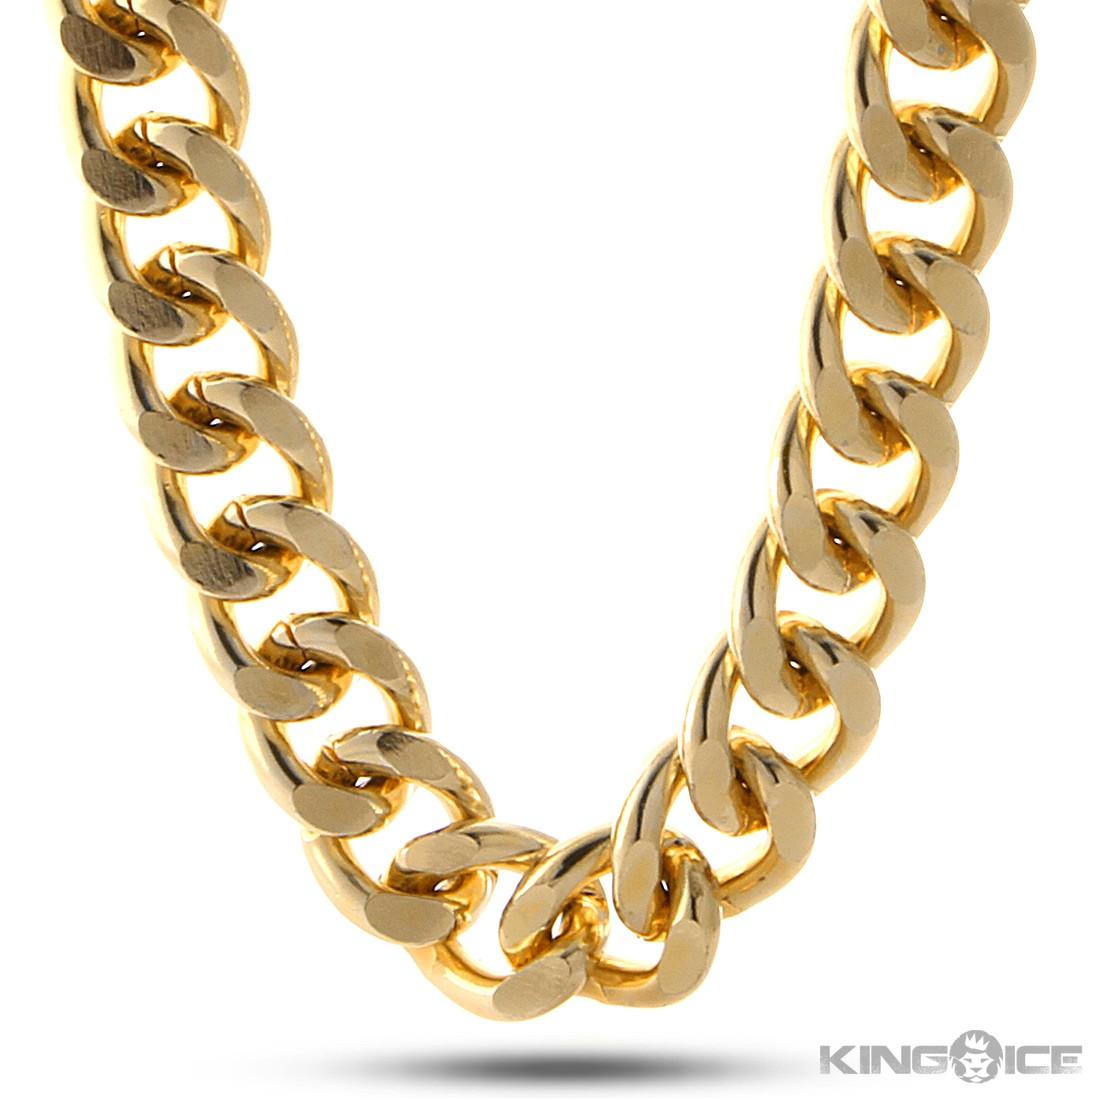 Necklace clipart swag Streetwear Fashion 2013 Curb Fashion